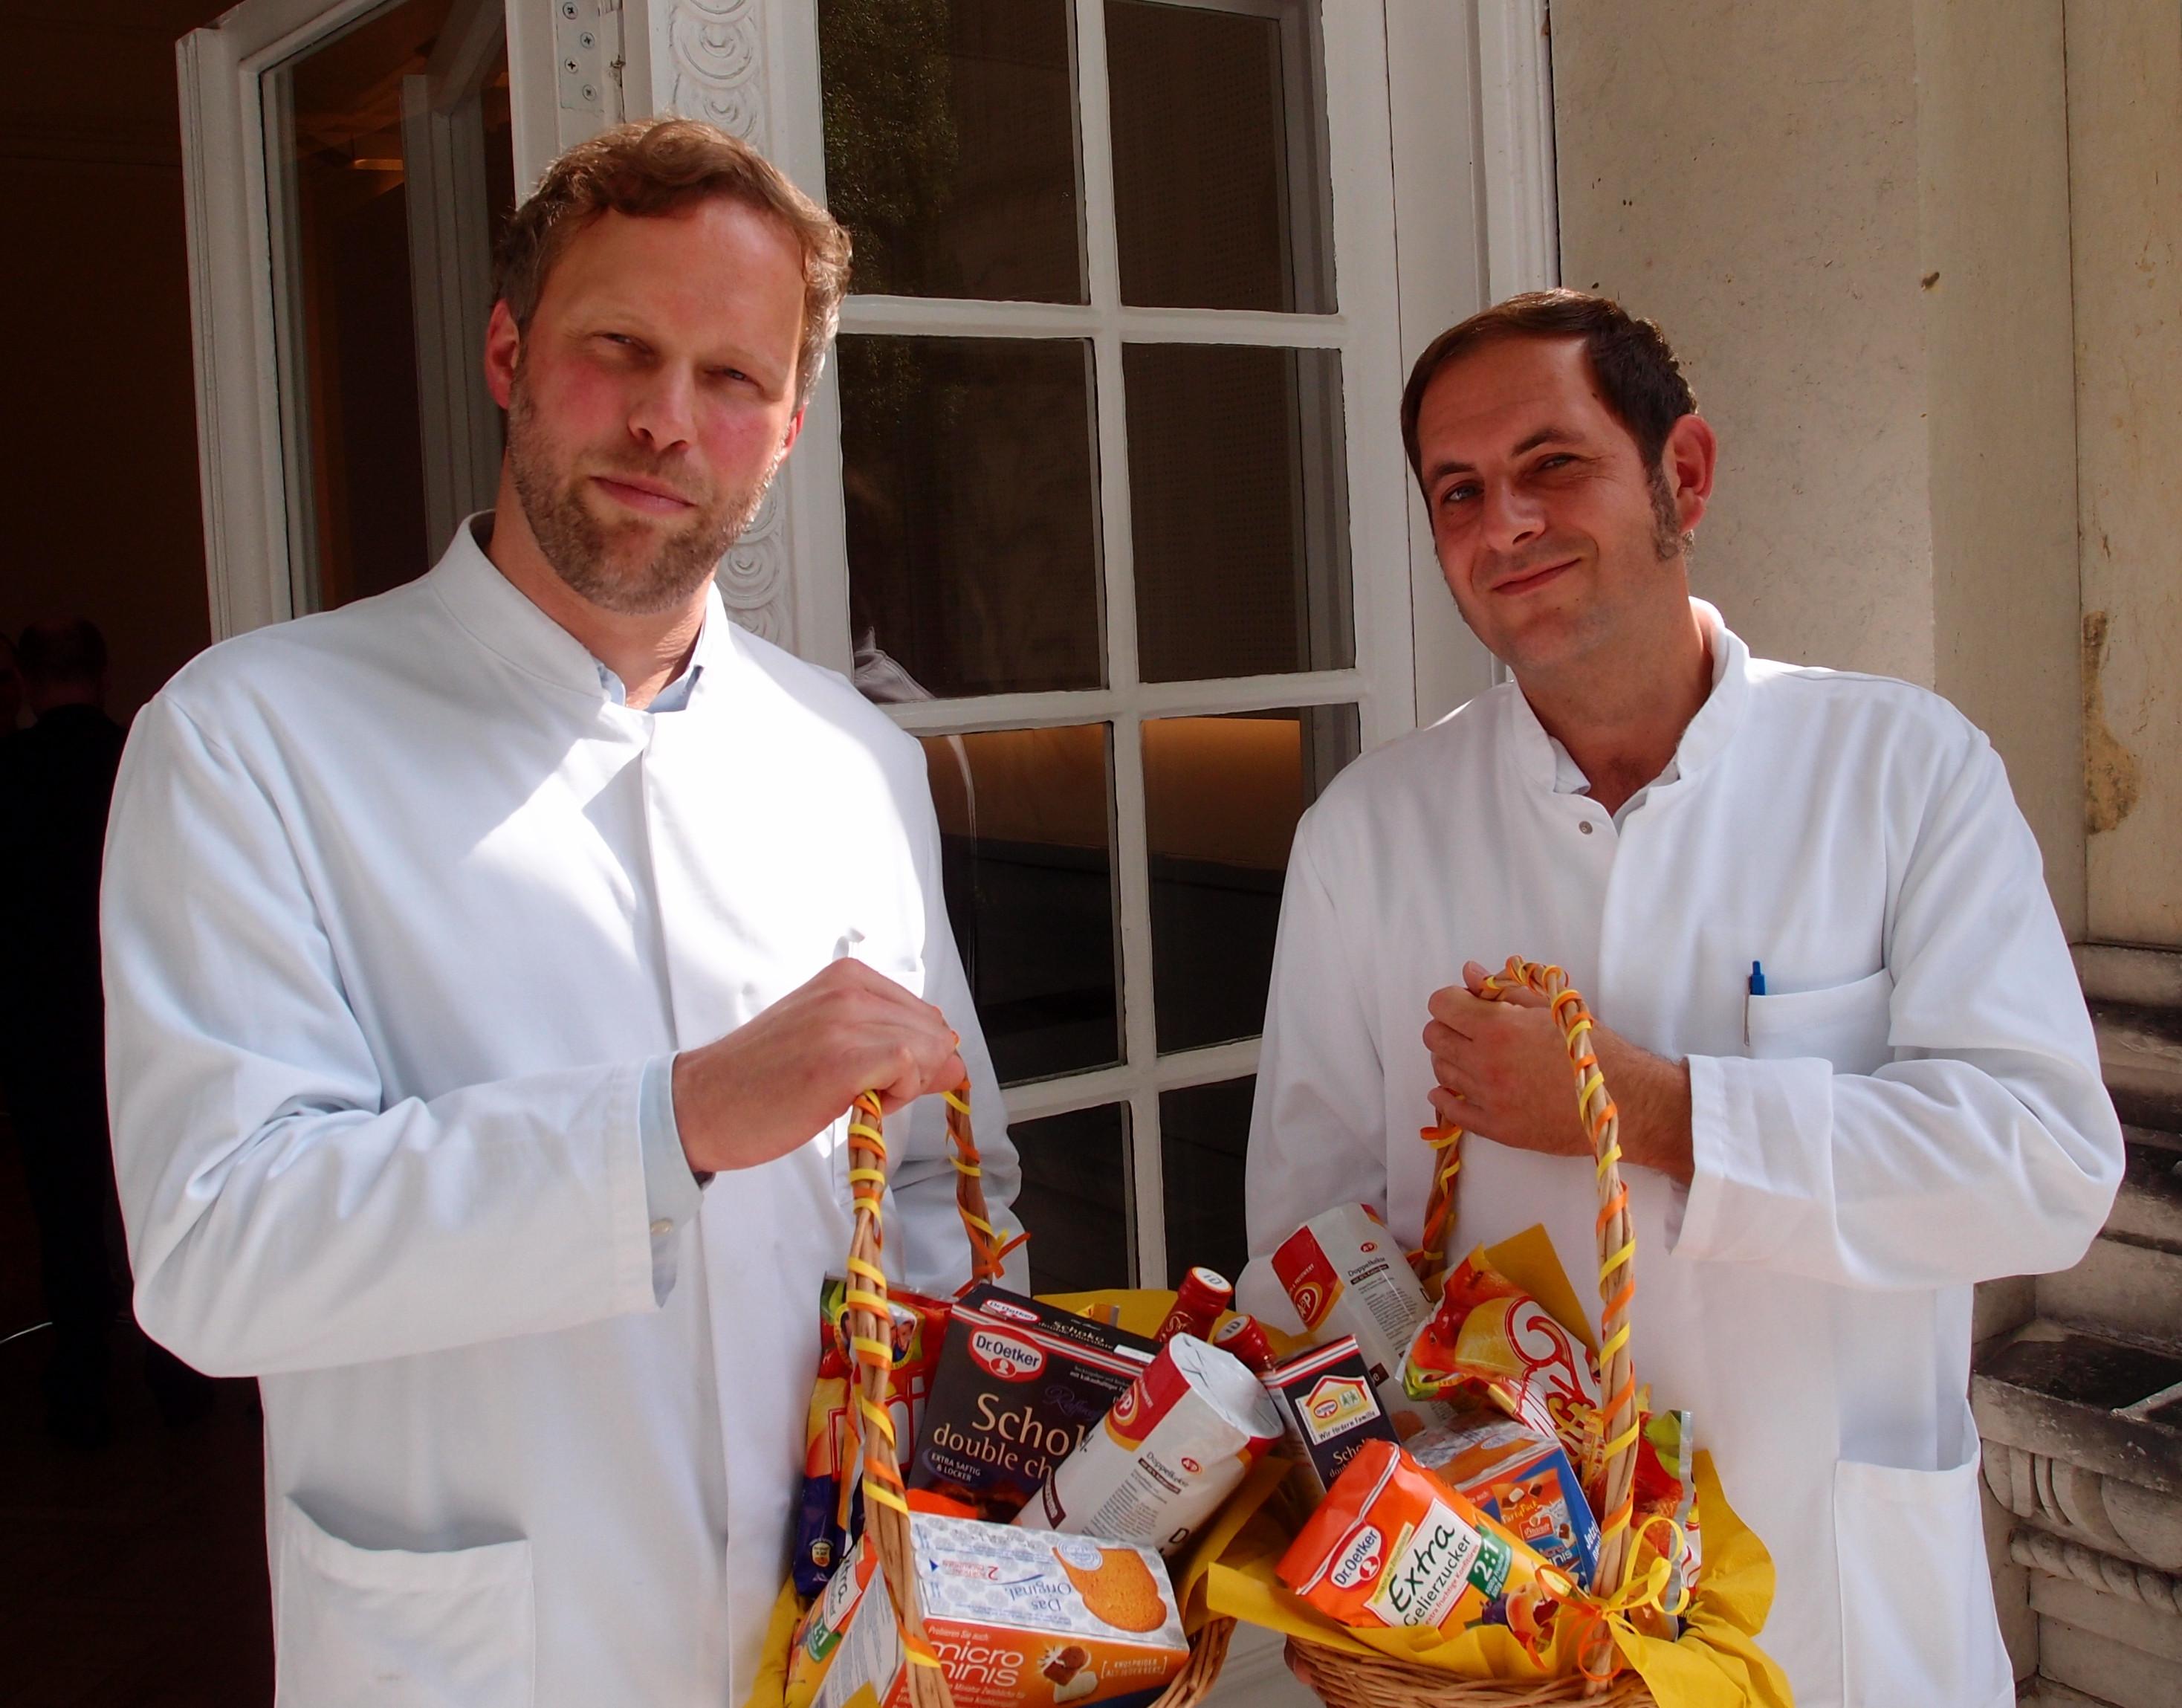 Chefärzte Obere Extremität, Hand- und Mikrochirurgie Dr. Michael Berndsen und Georg Garanin